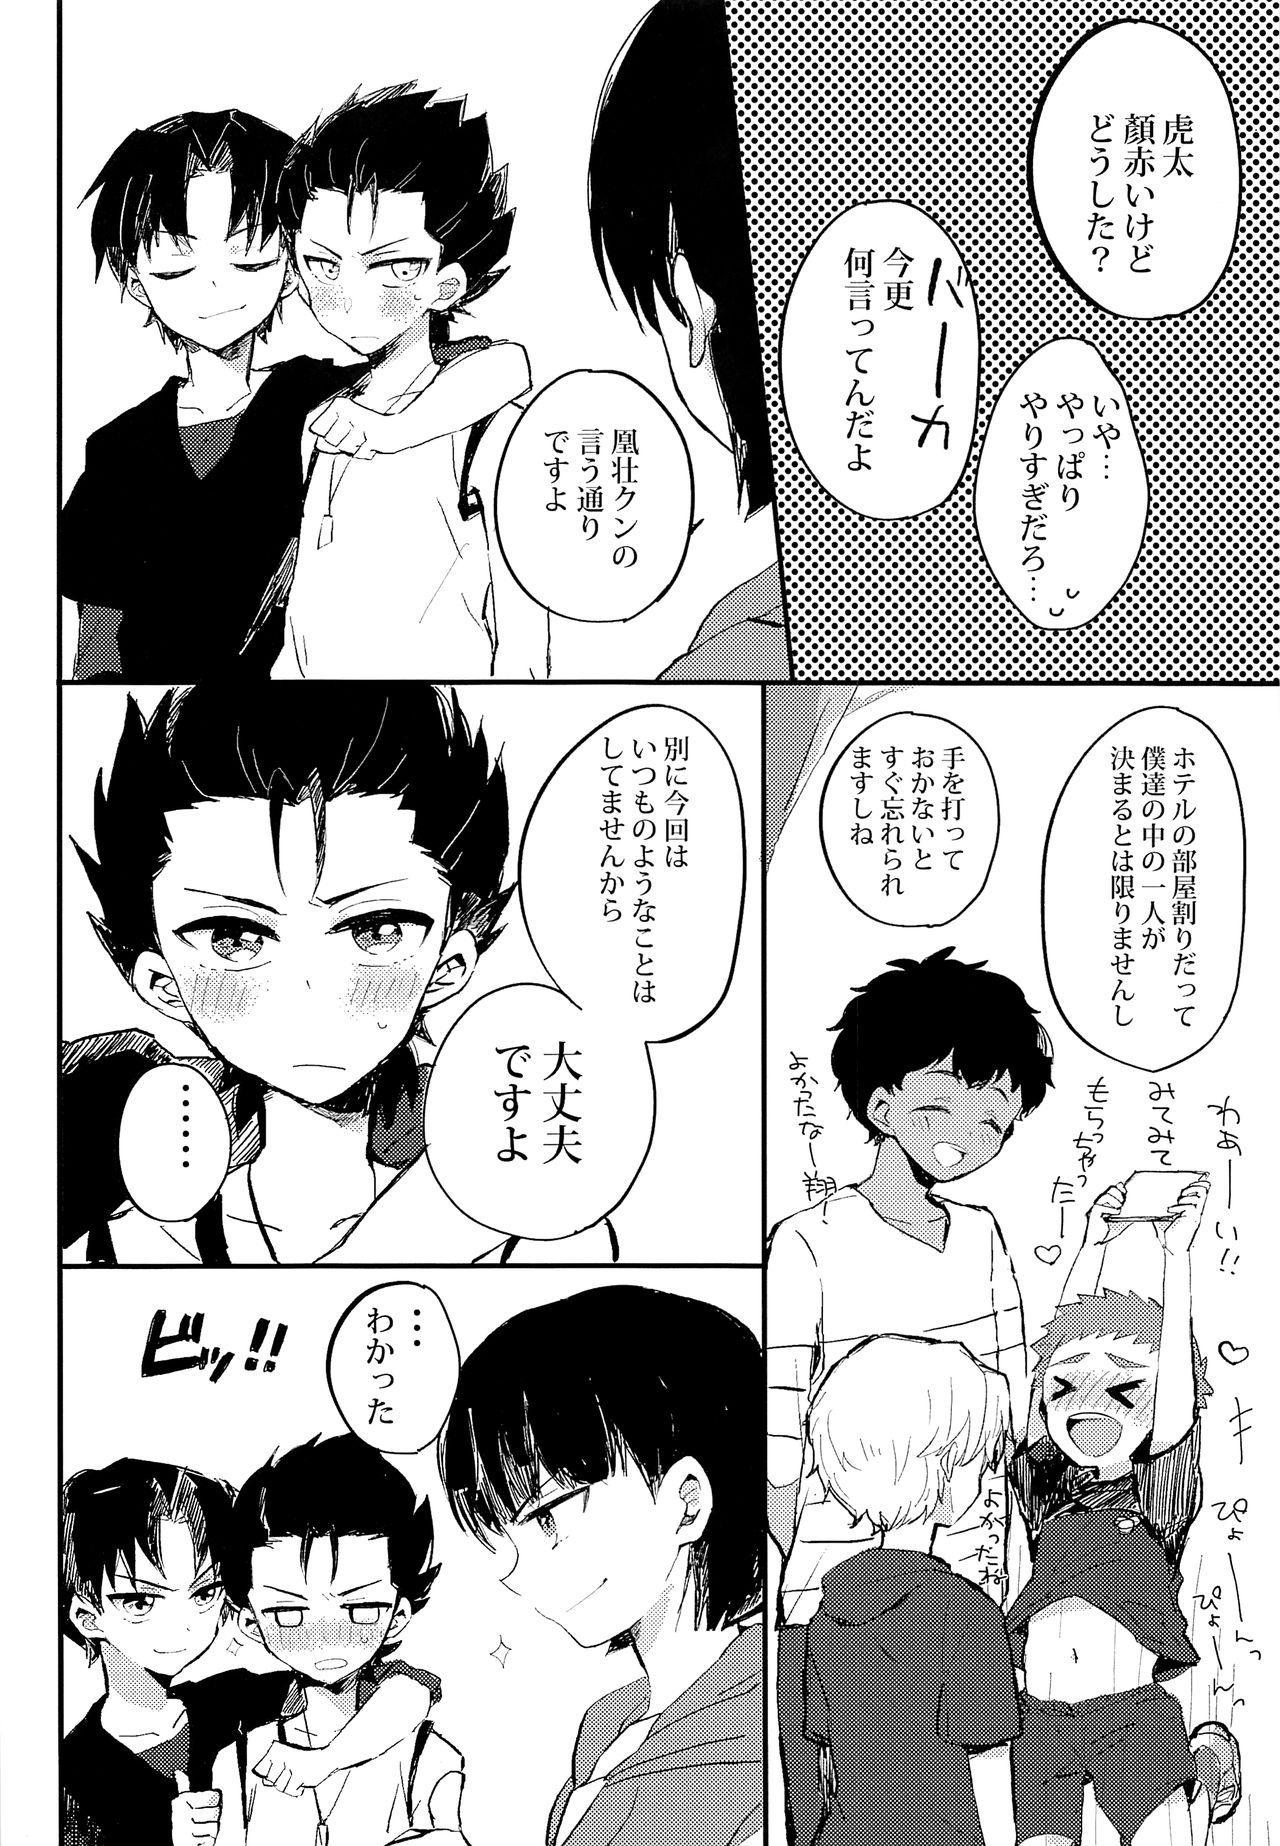 Himitsu no daisuki 4